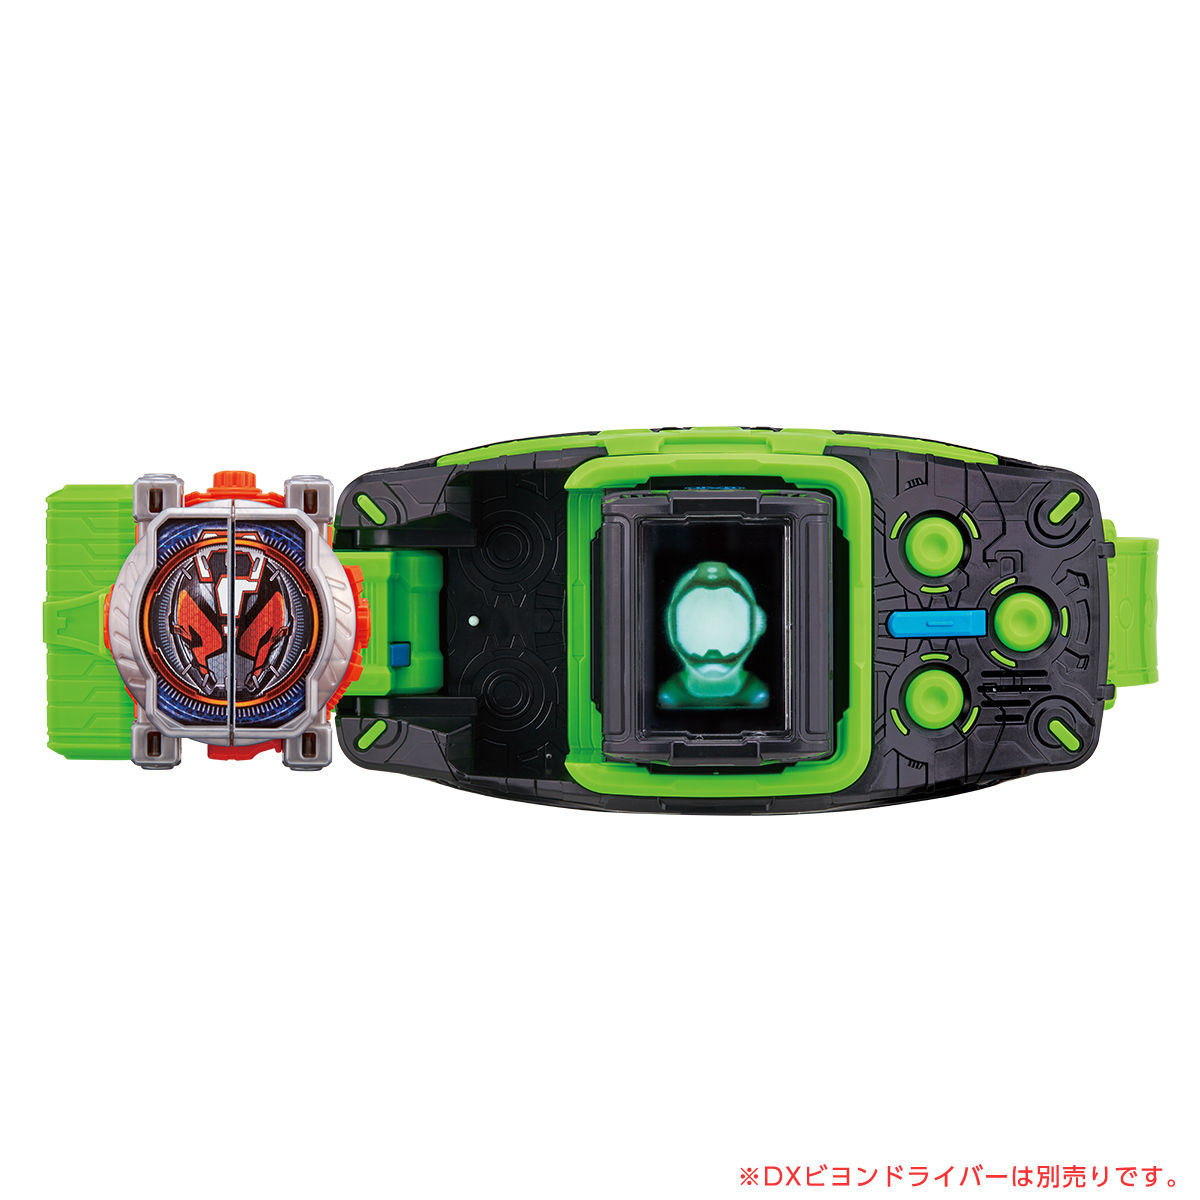 仮面ライダージオウ『DXクイズミライドウォッチ』変身なりきり-004